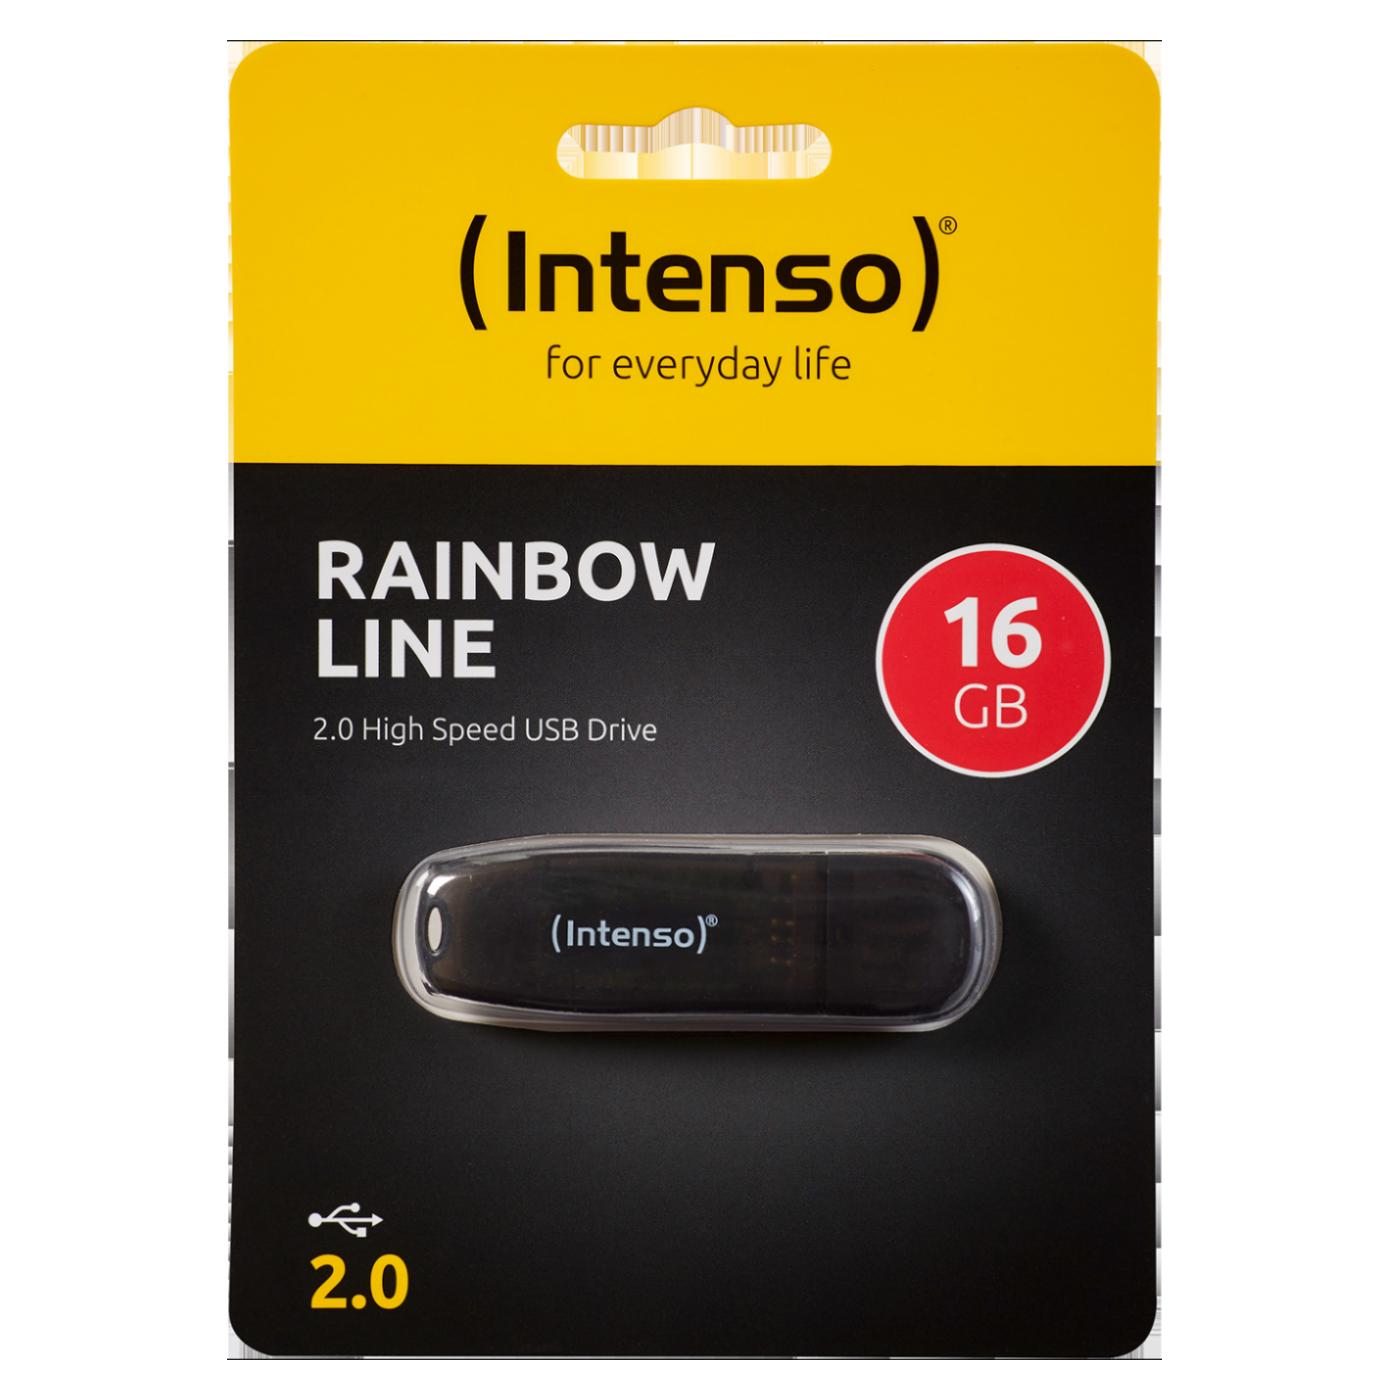 USB2.0-16GB/Rainbow